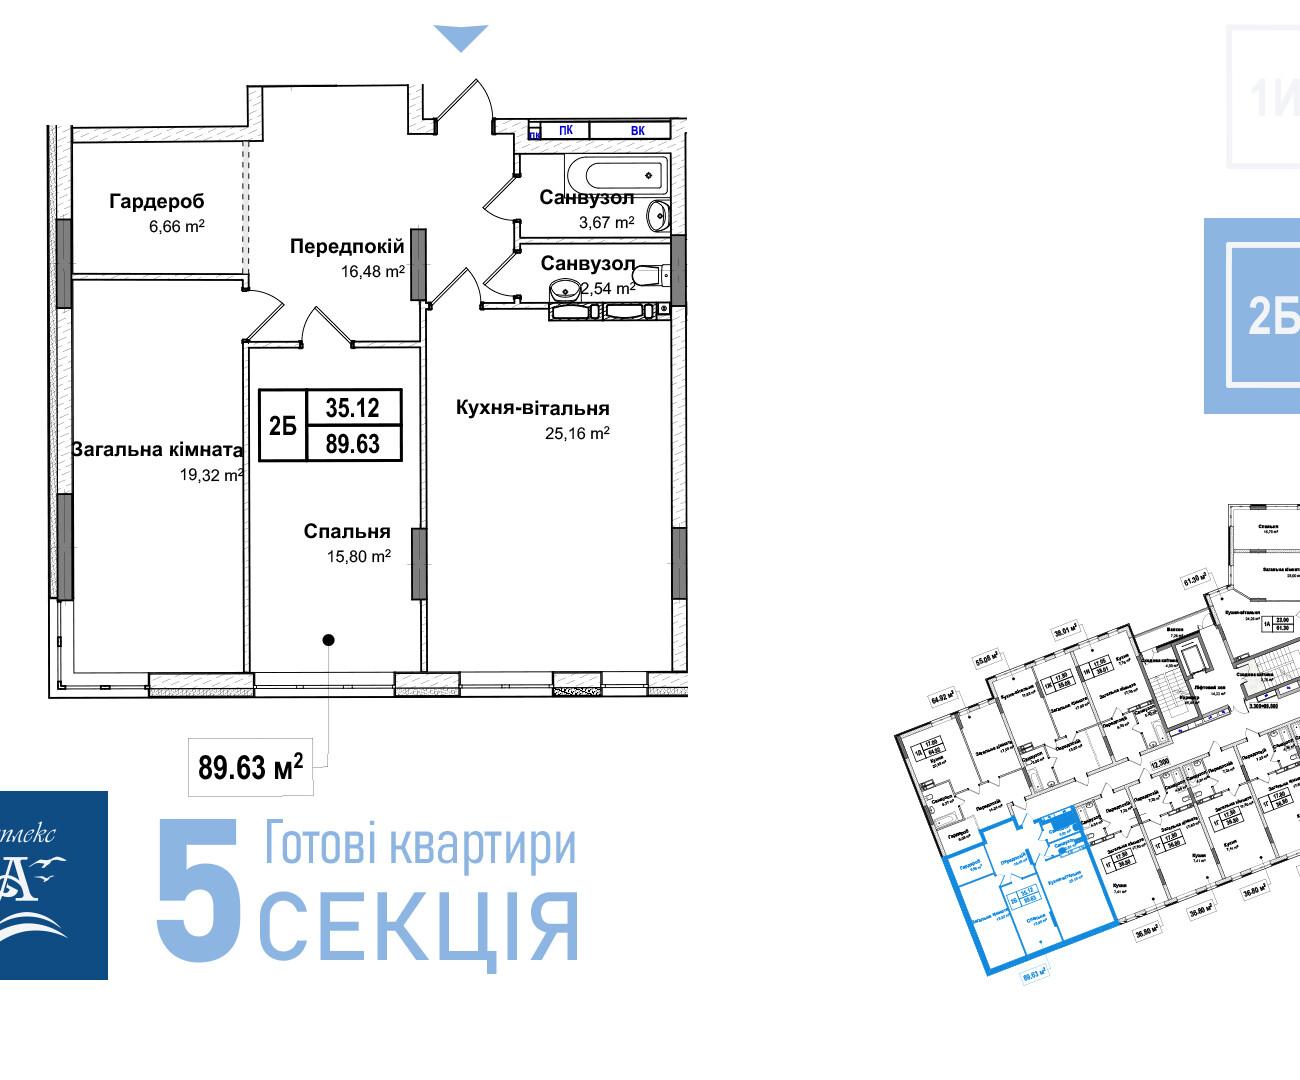 Секція 5 двокімнатна квартира 2б 89,63 м²